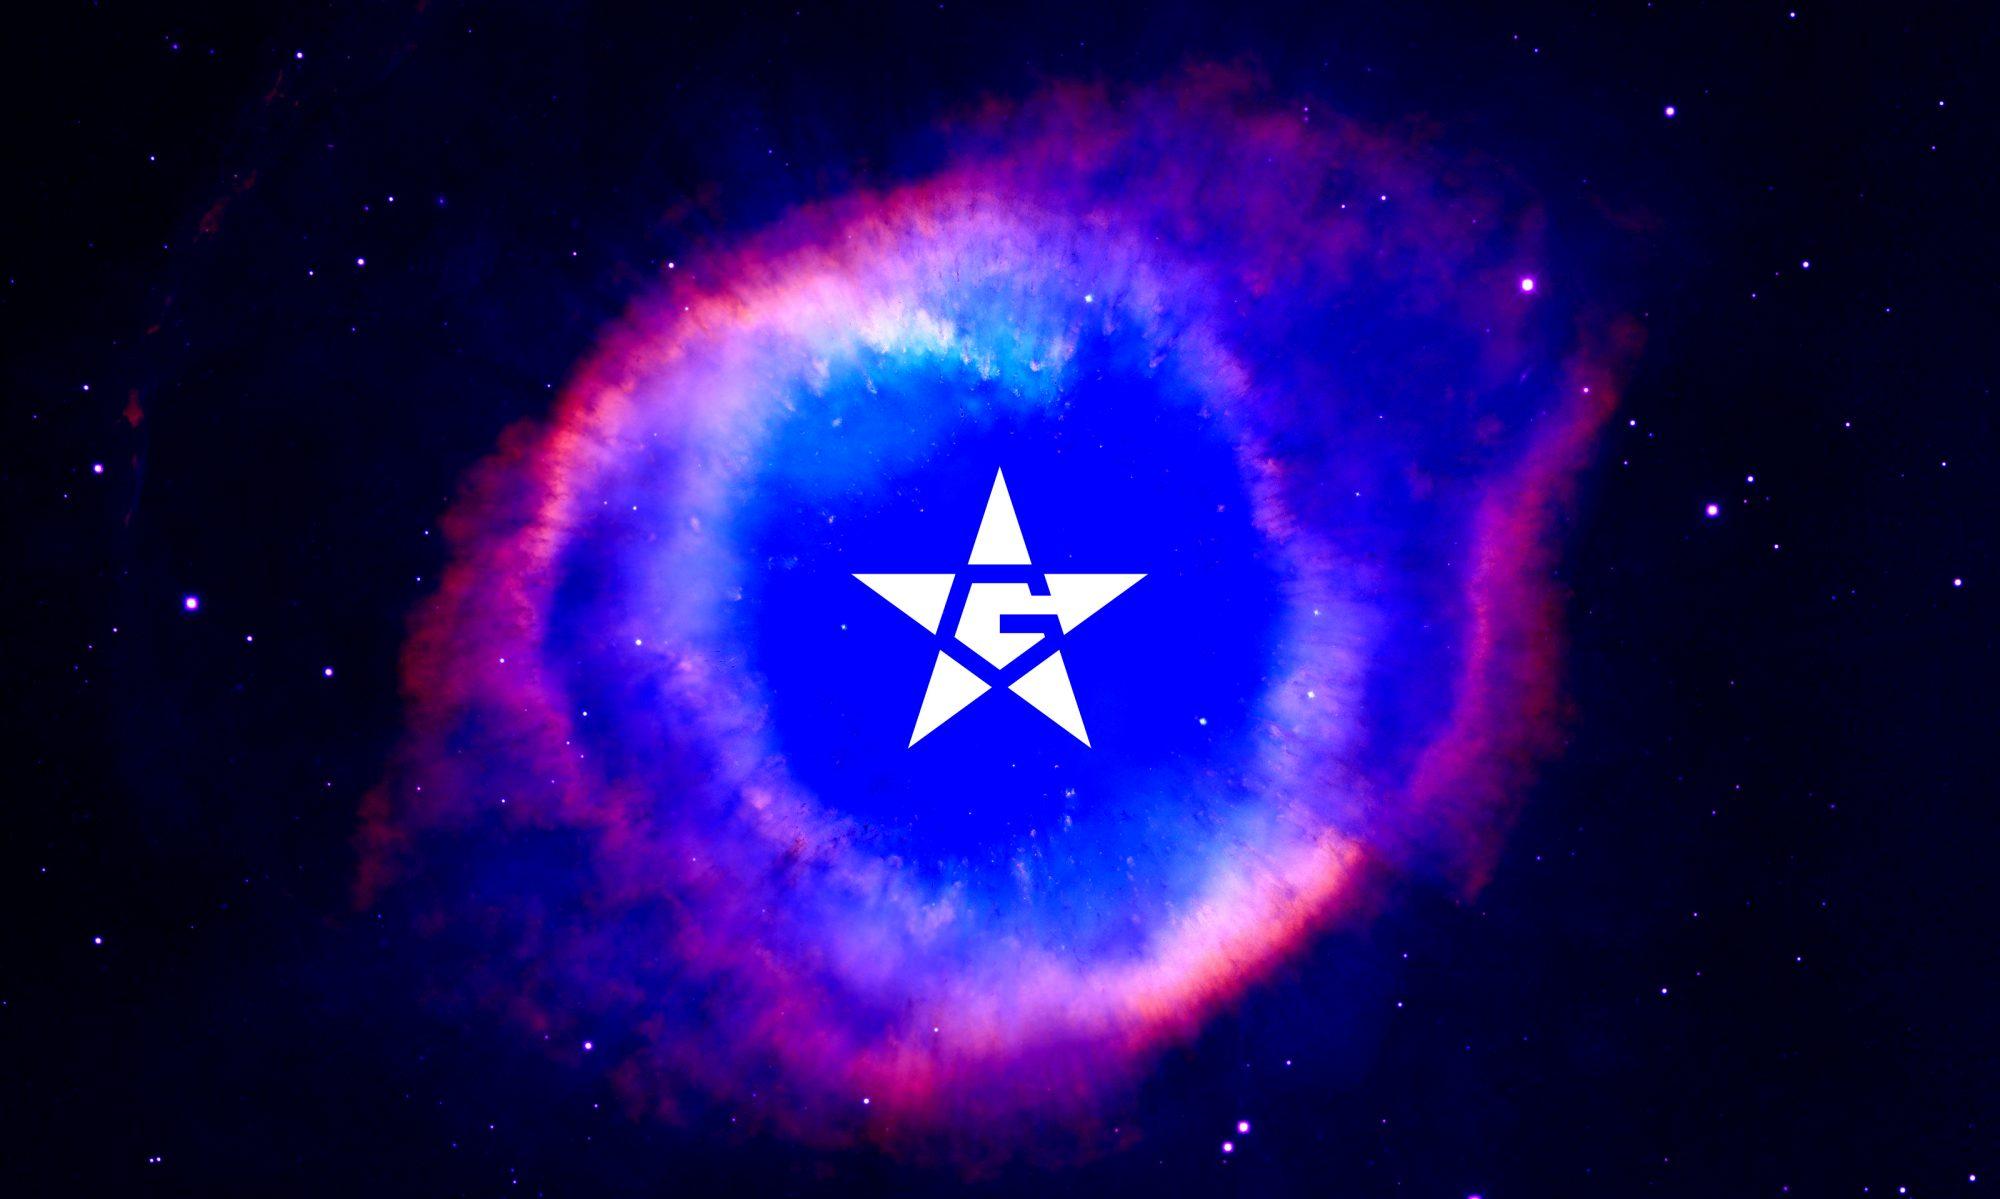 GRAD STAR